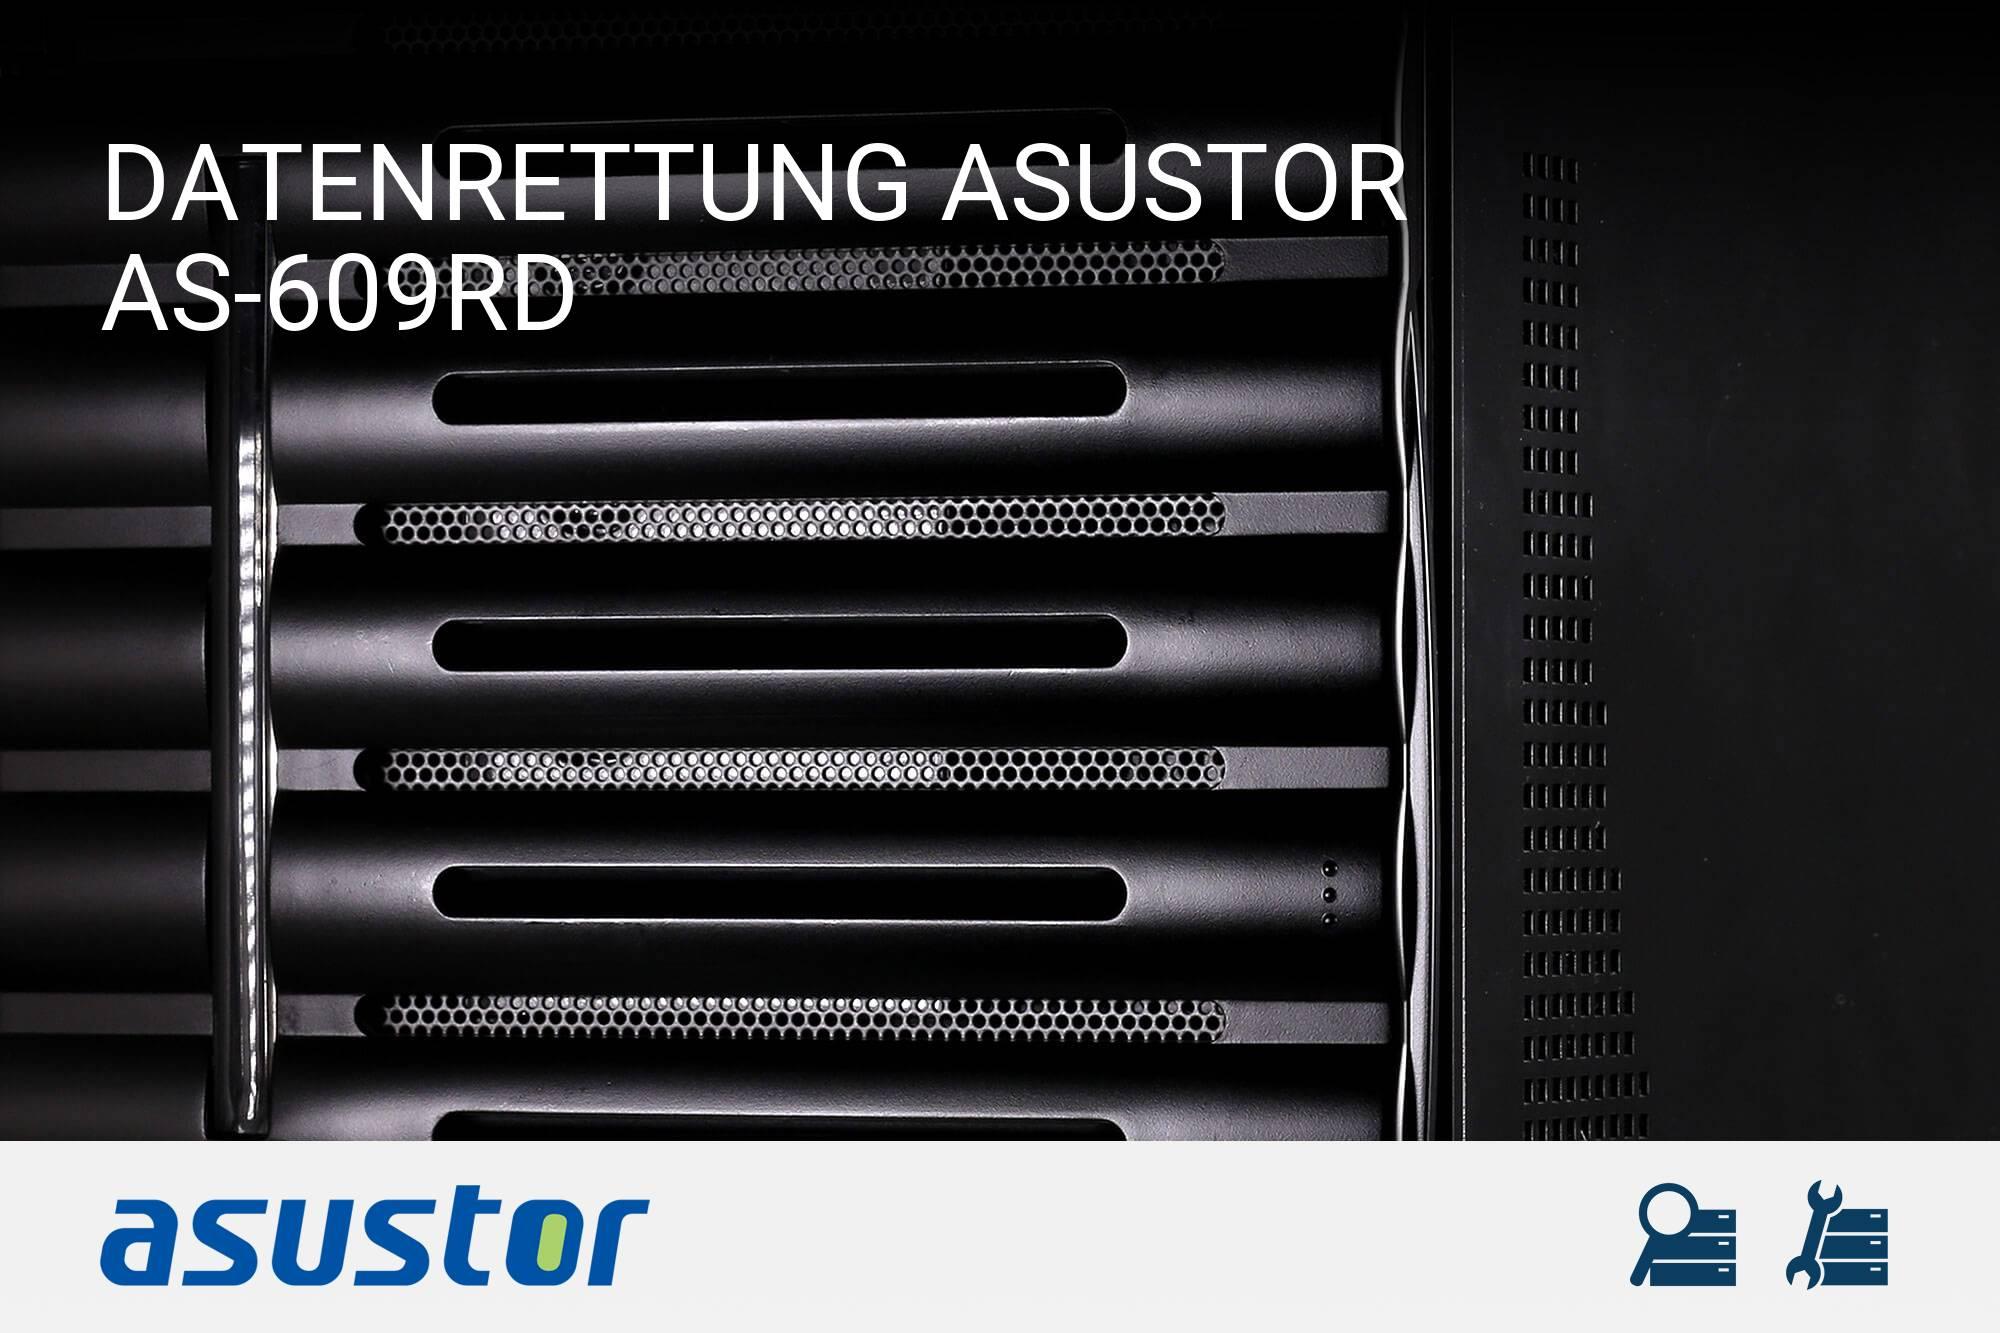 Asustor AS-609RD